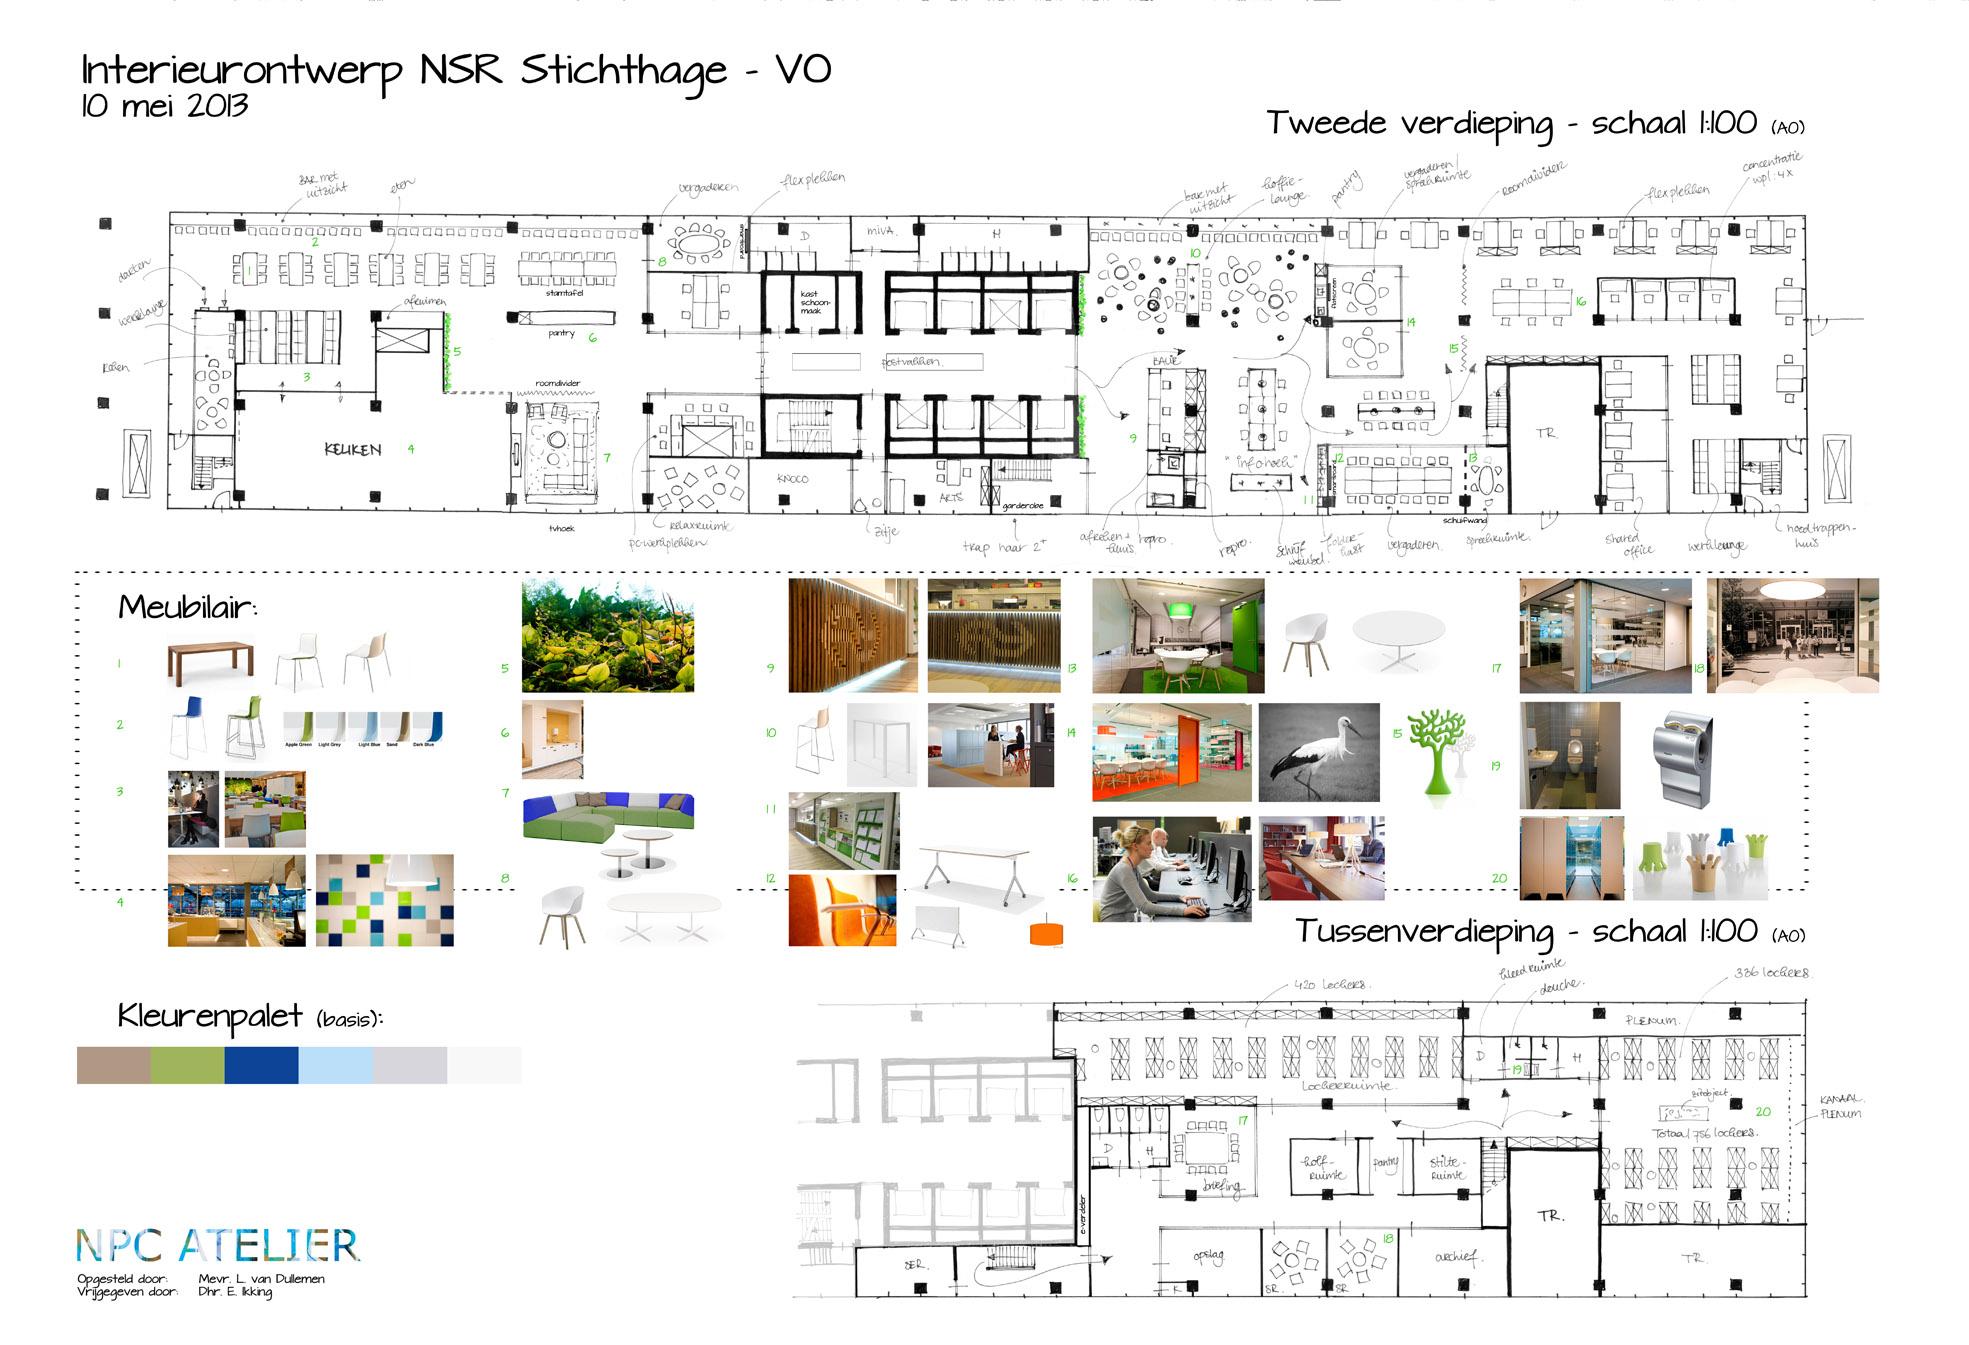 02 Interieurontwerp VO 10052013_voor facebook.jpg